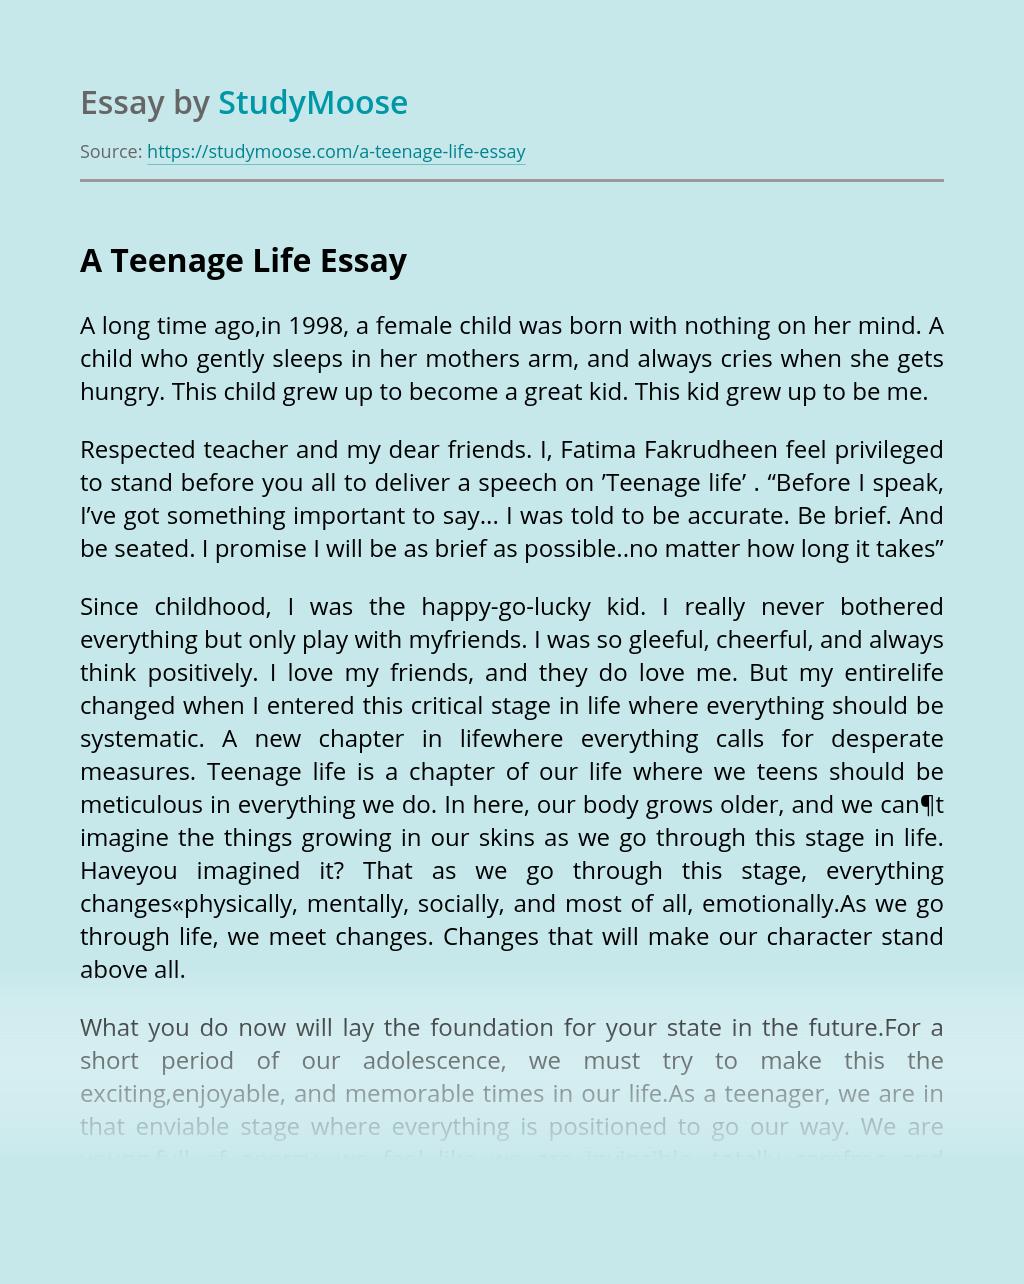 A Teenage Life